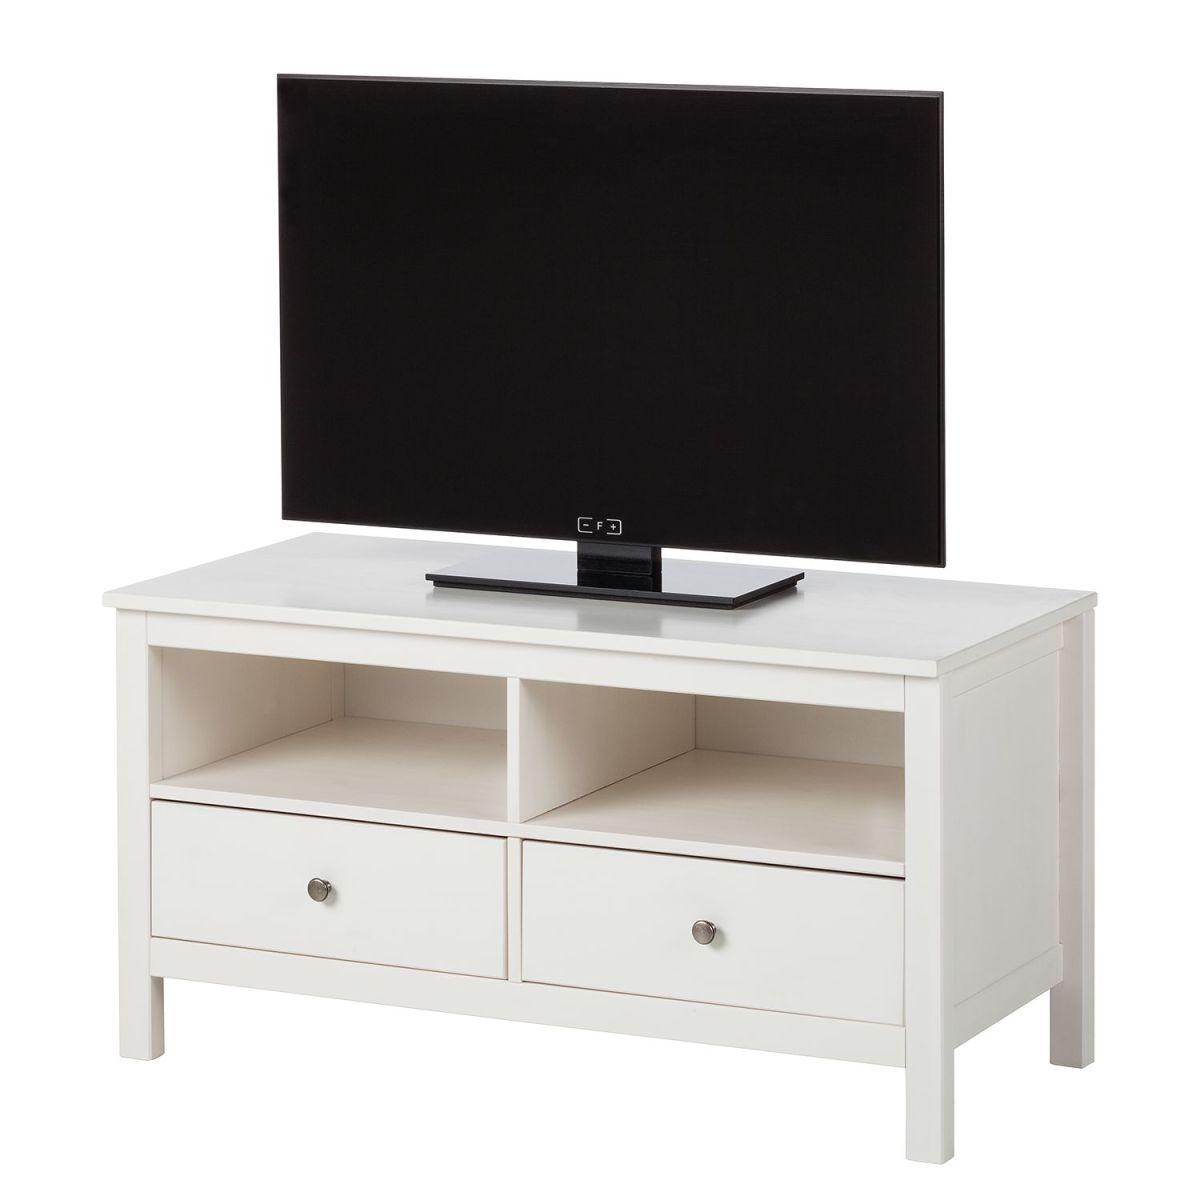 tv mobel hangend. Black Bedroom Furniture Sets. Home Design Ideas